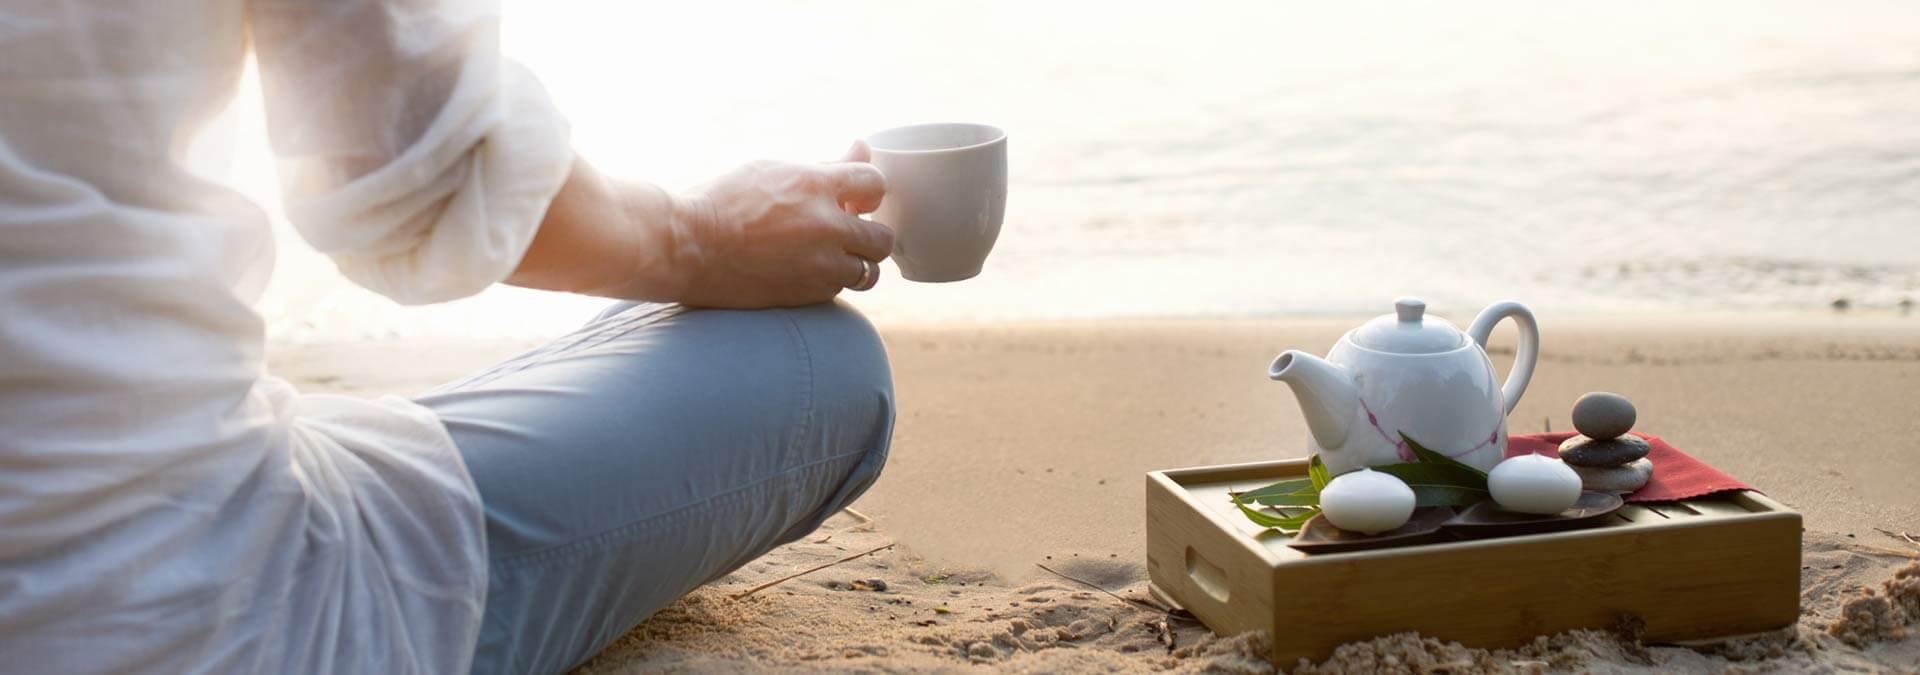 Ontdek jouw Levenskunst op Ingspire - Yoga, Meditatie, Mindfulness etc.